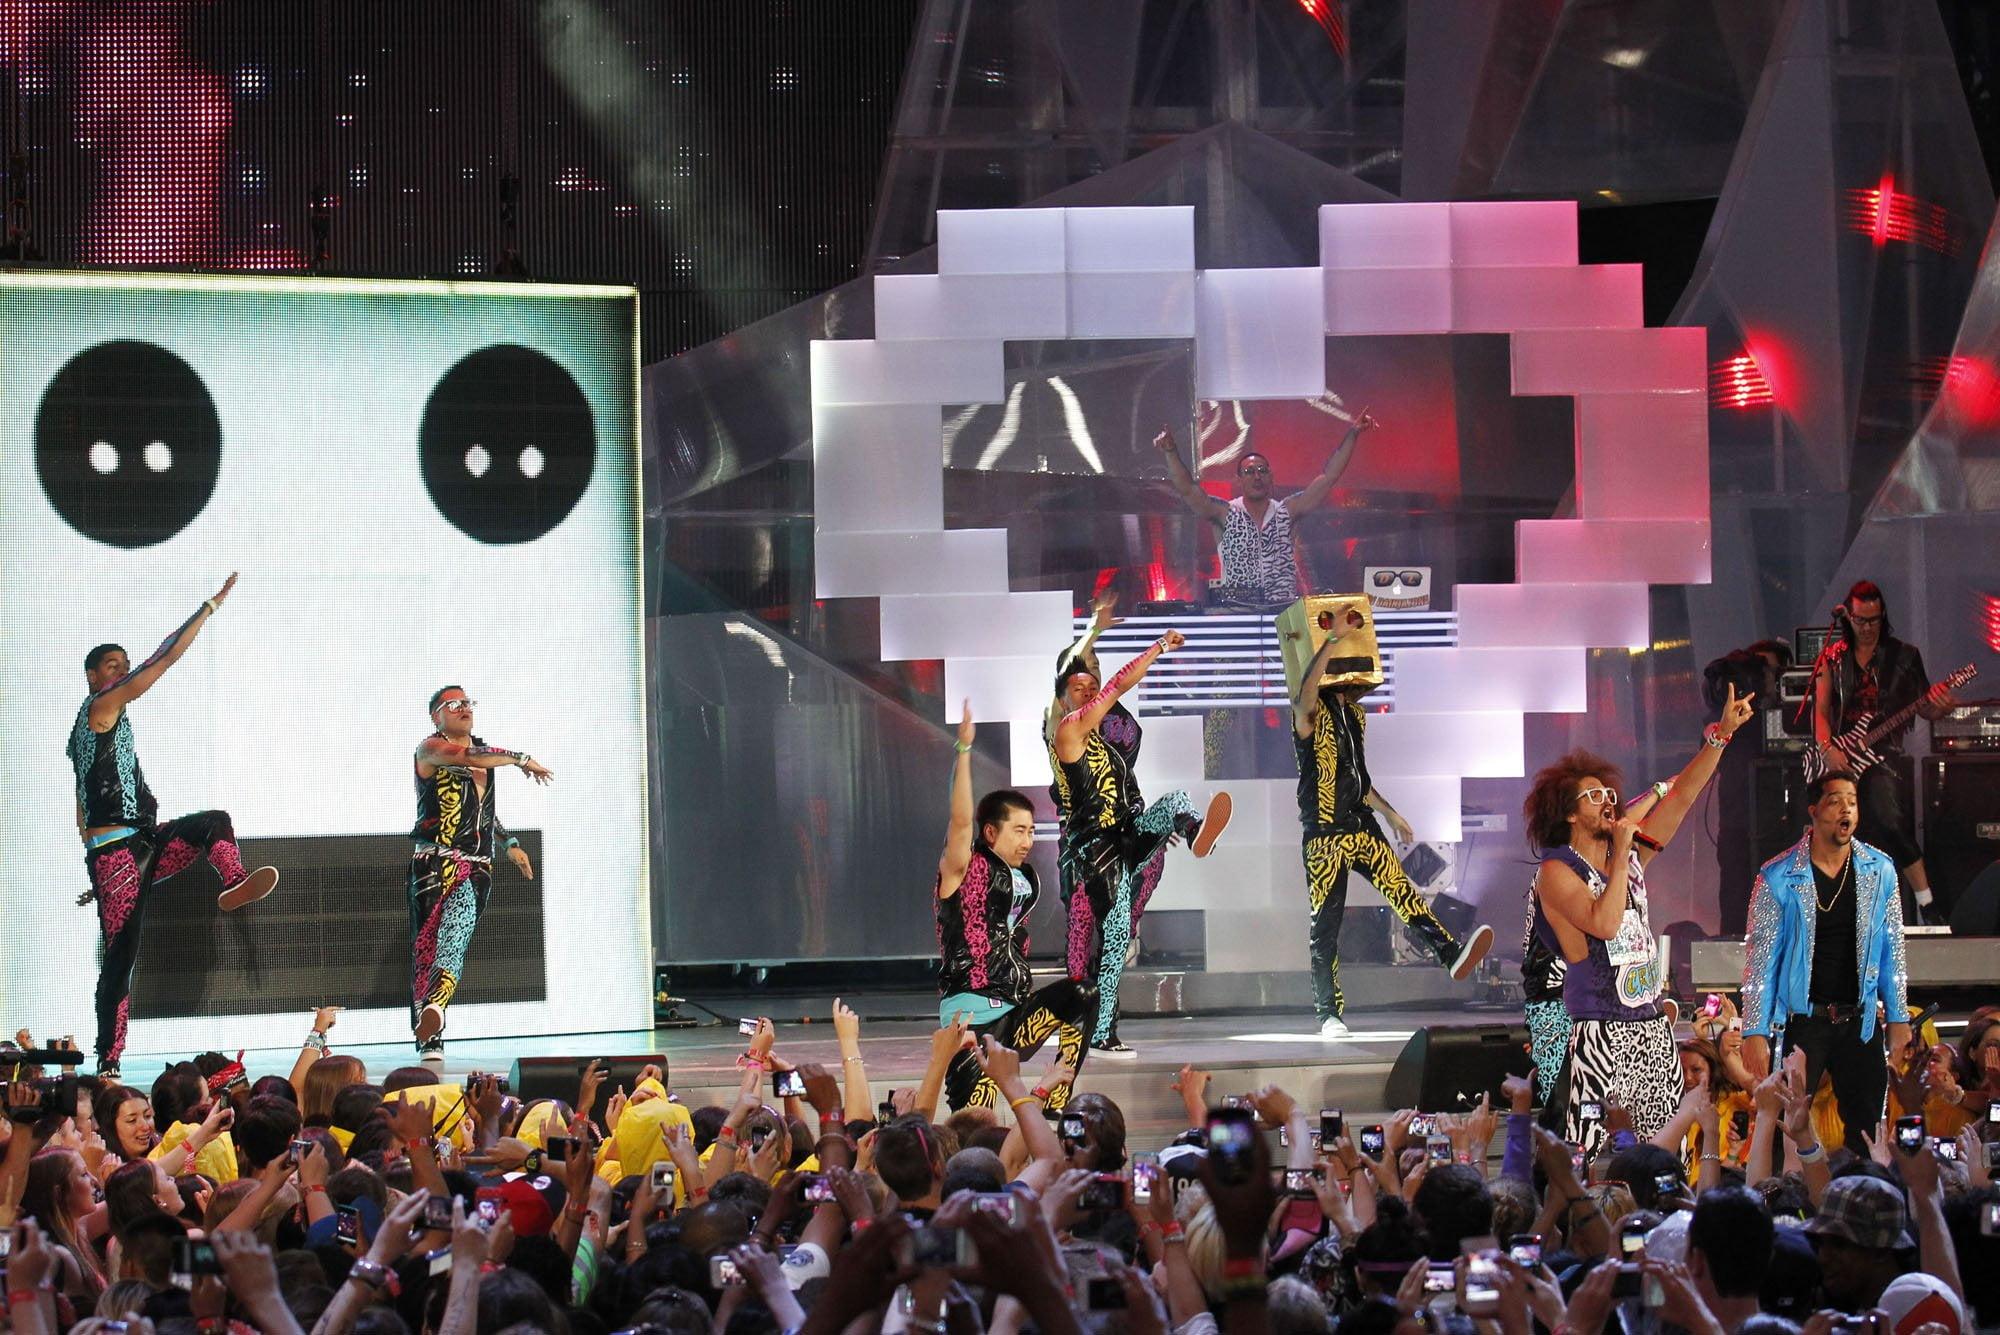 LMFAO at the 2012 MMVAs